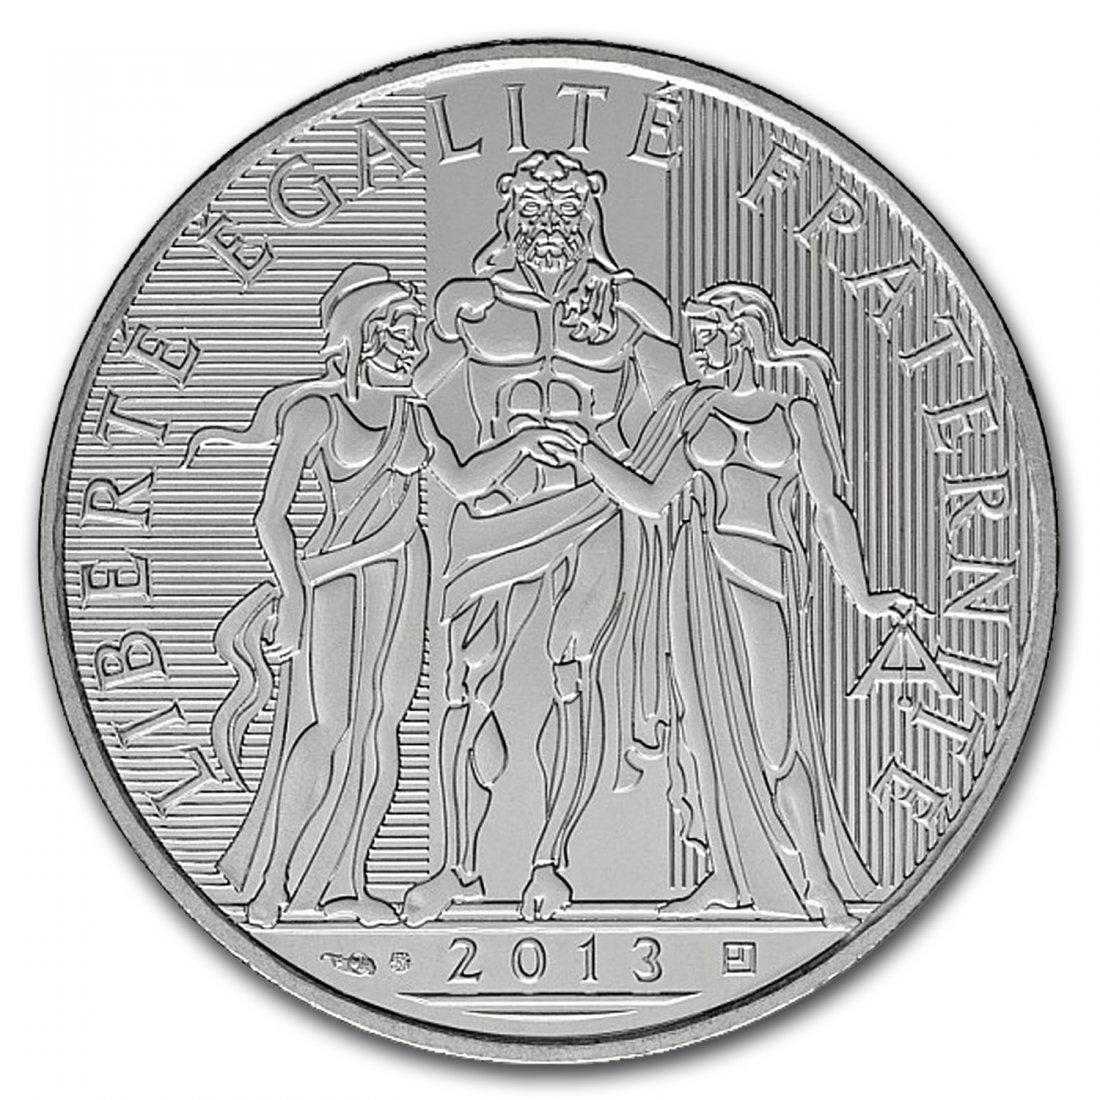 2013 10 Euro Silver Hercules Coin